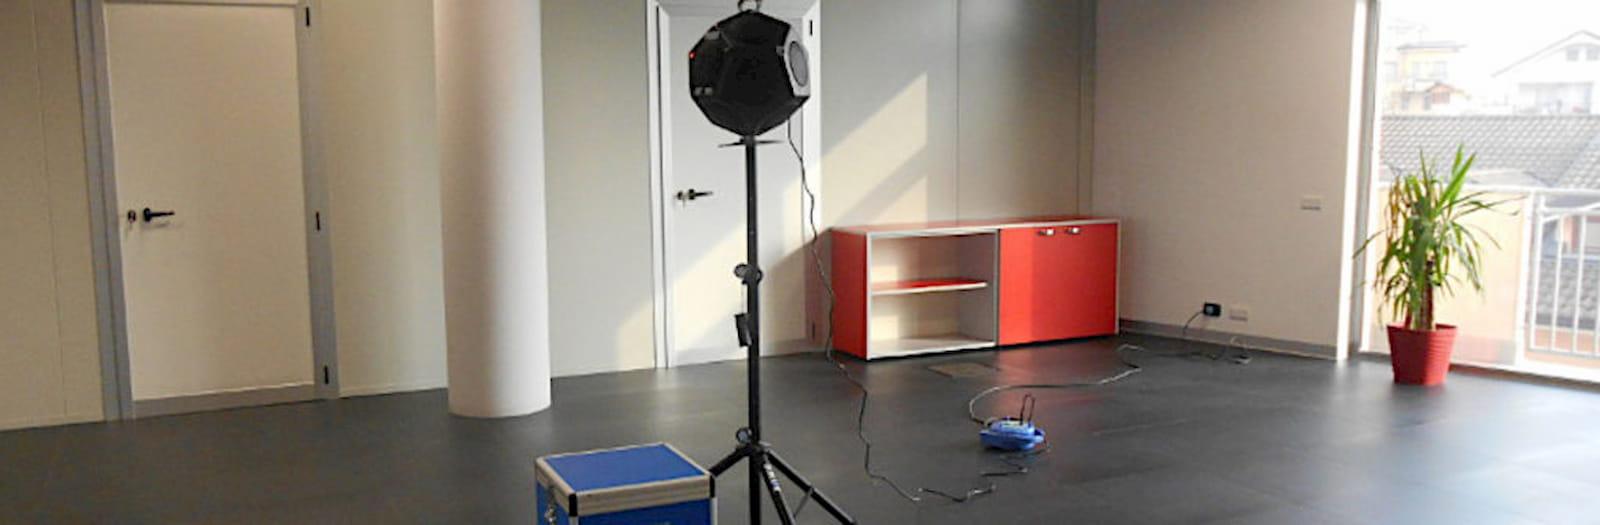 verifica rap all'interno di un ufficio arredato con una scrivania e una pianta